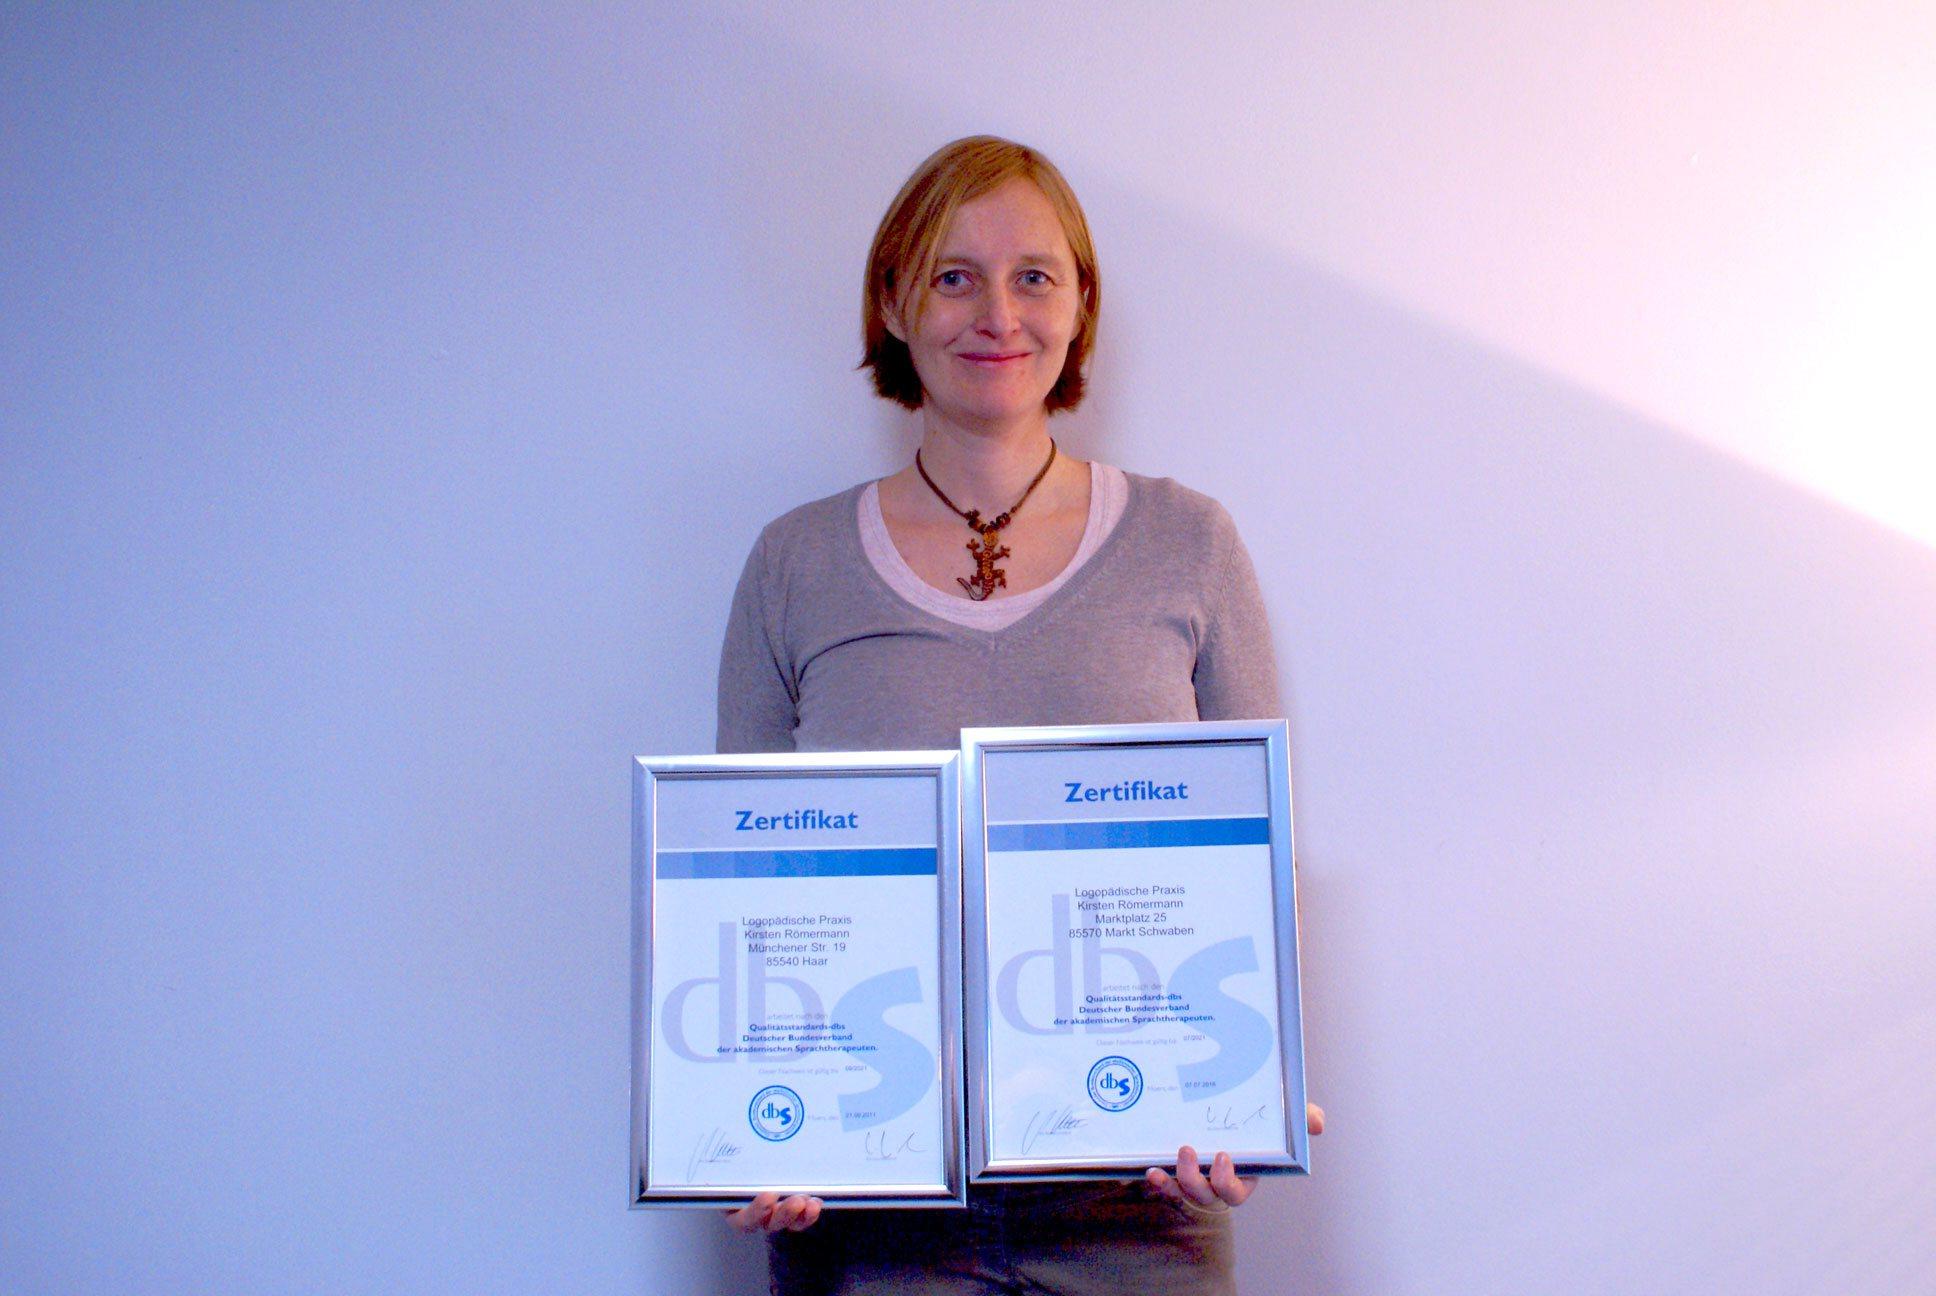 Zertifzierte Praxis für Logopädie Haar und Makt Schwaben - Kirsten Römermann